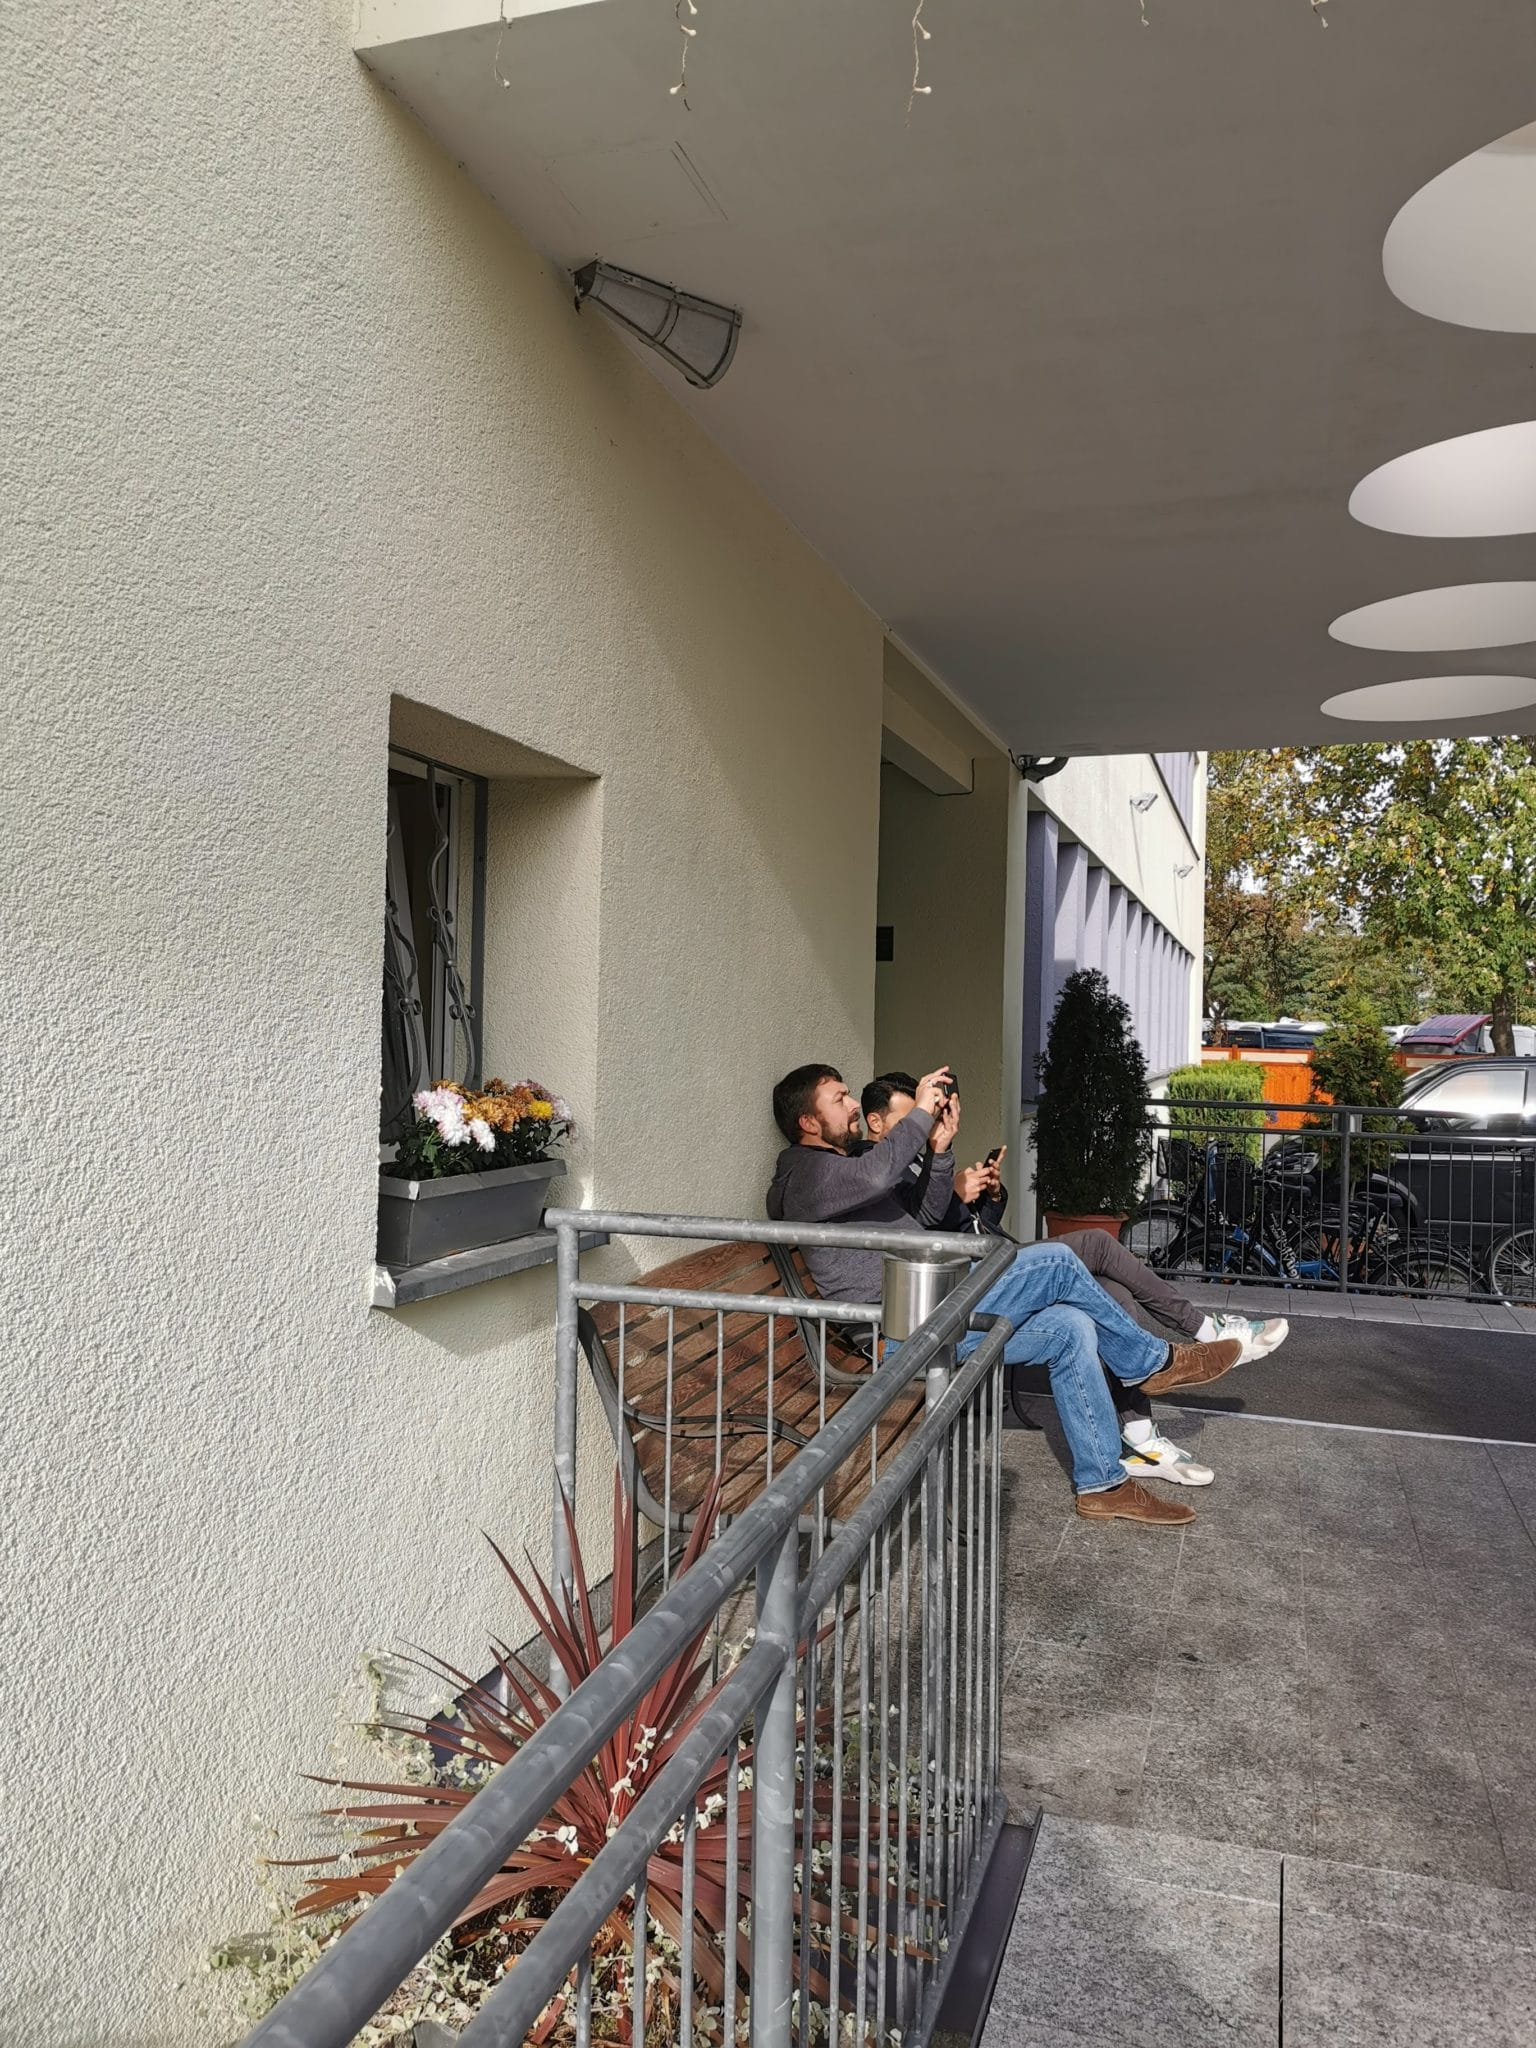 Familienblog_Wochenende_HotelCitylight_Berlin